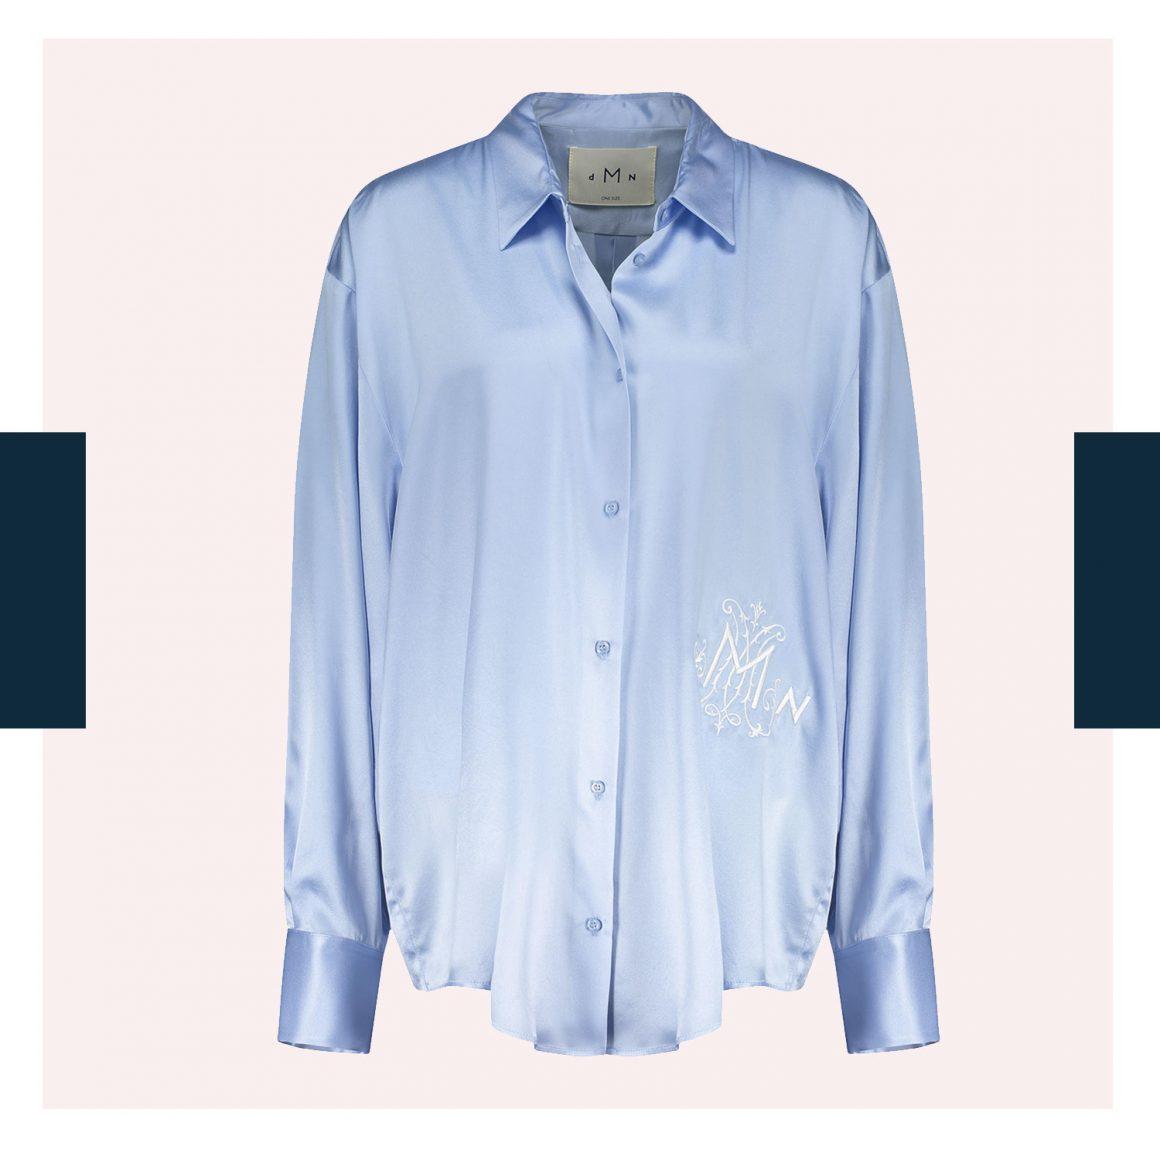 La blouse oversize Chloé de DMN et Jane de Boy